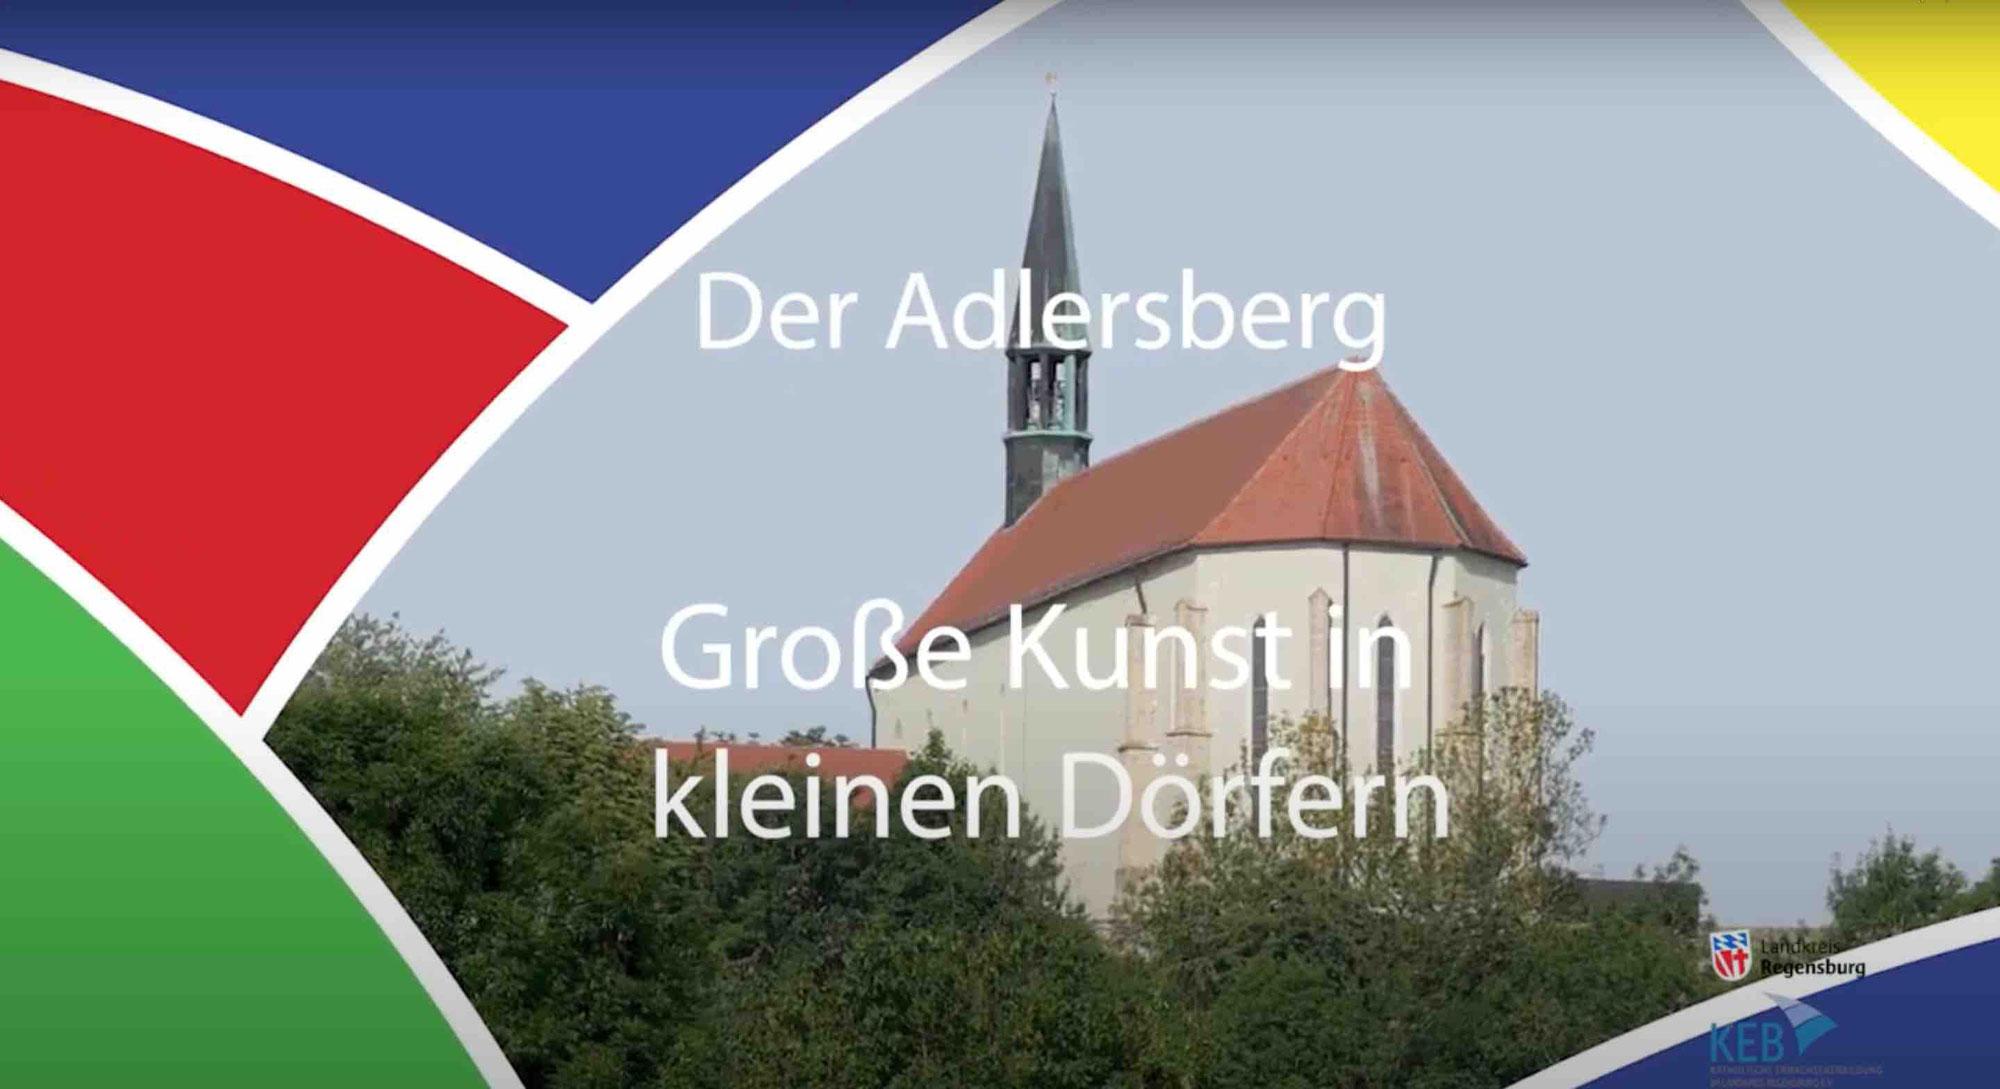 Neue Aufmerksamkeit für das Kloster Adlersberg